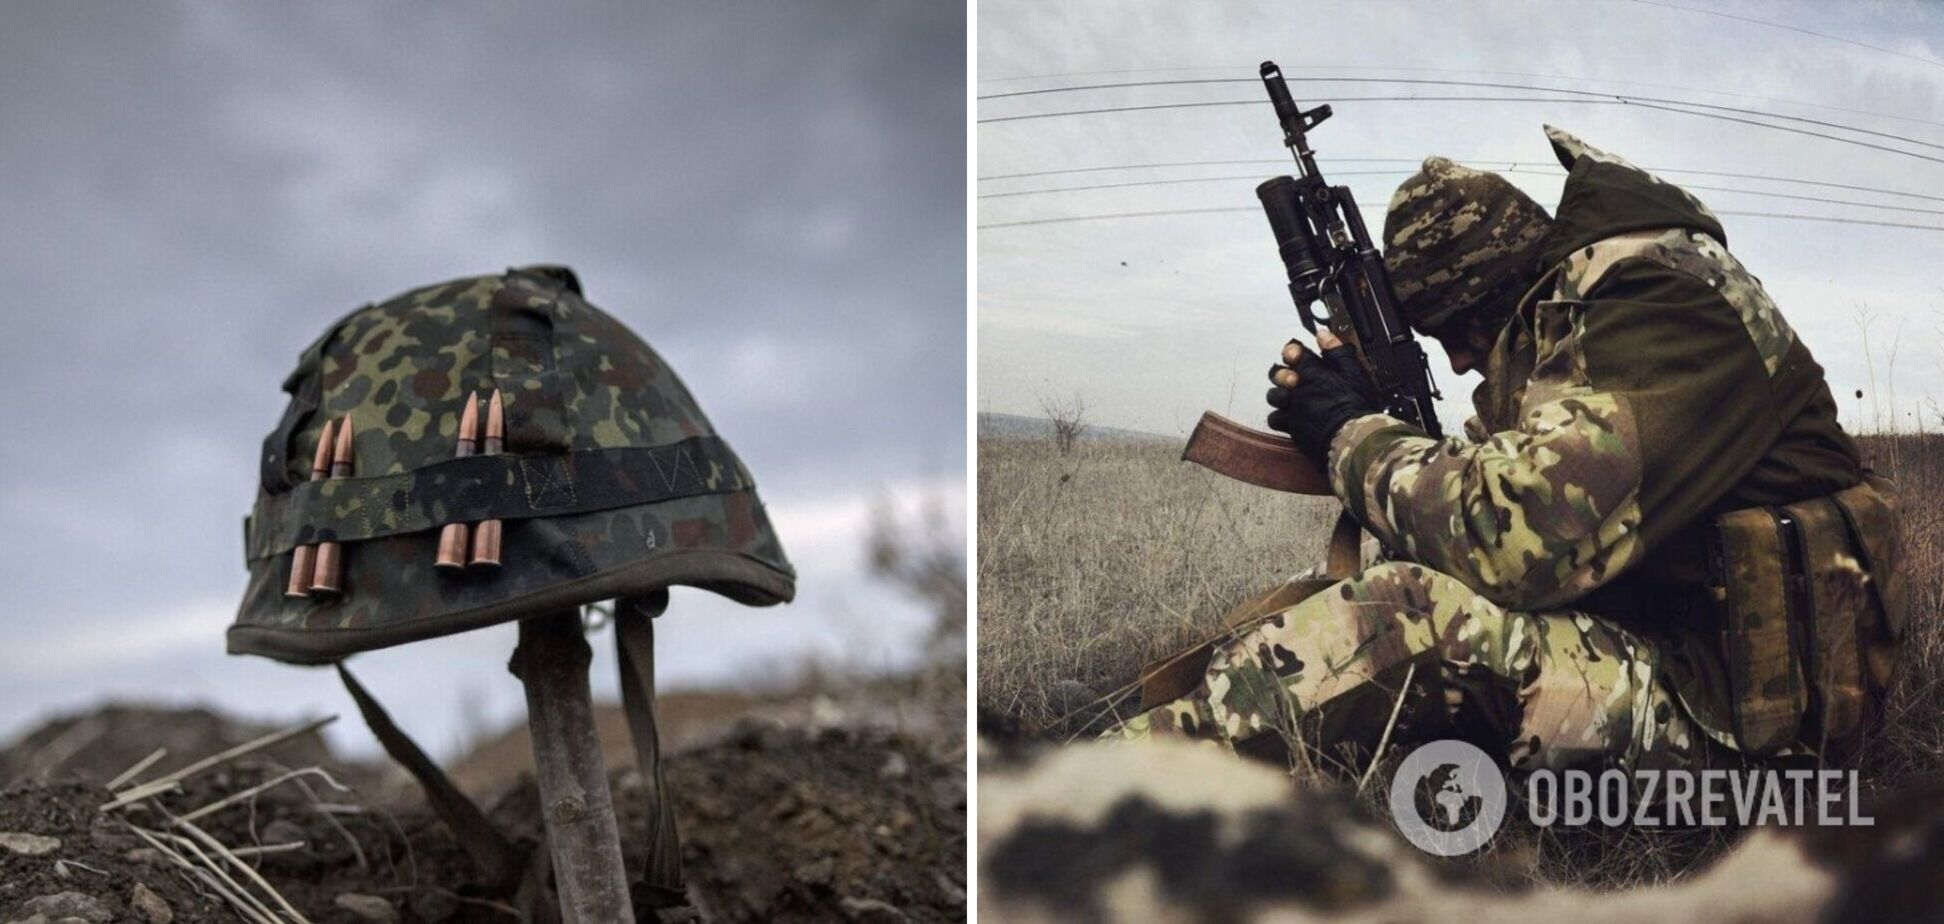 Третий погибший за день: наемники 'Л/ДНР' отдали тело пропавшего украинского воина